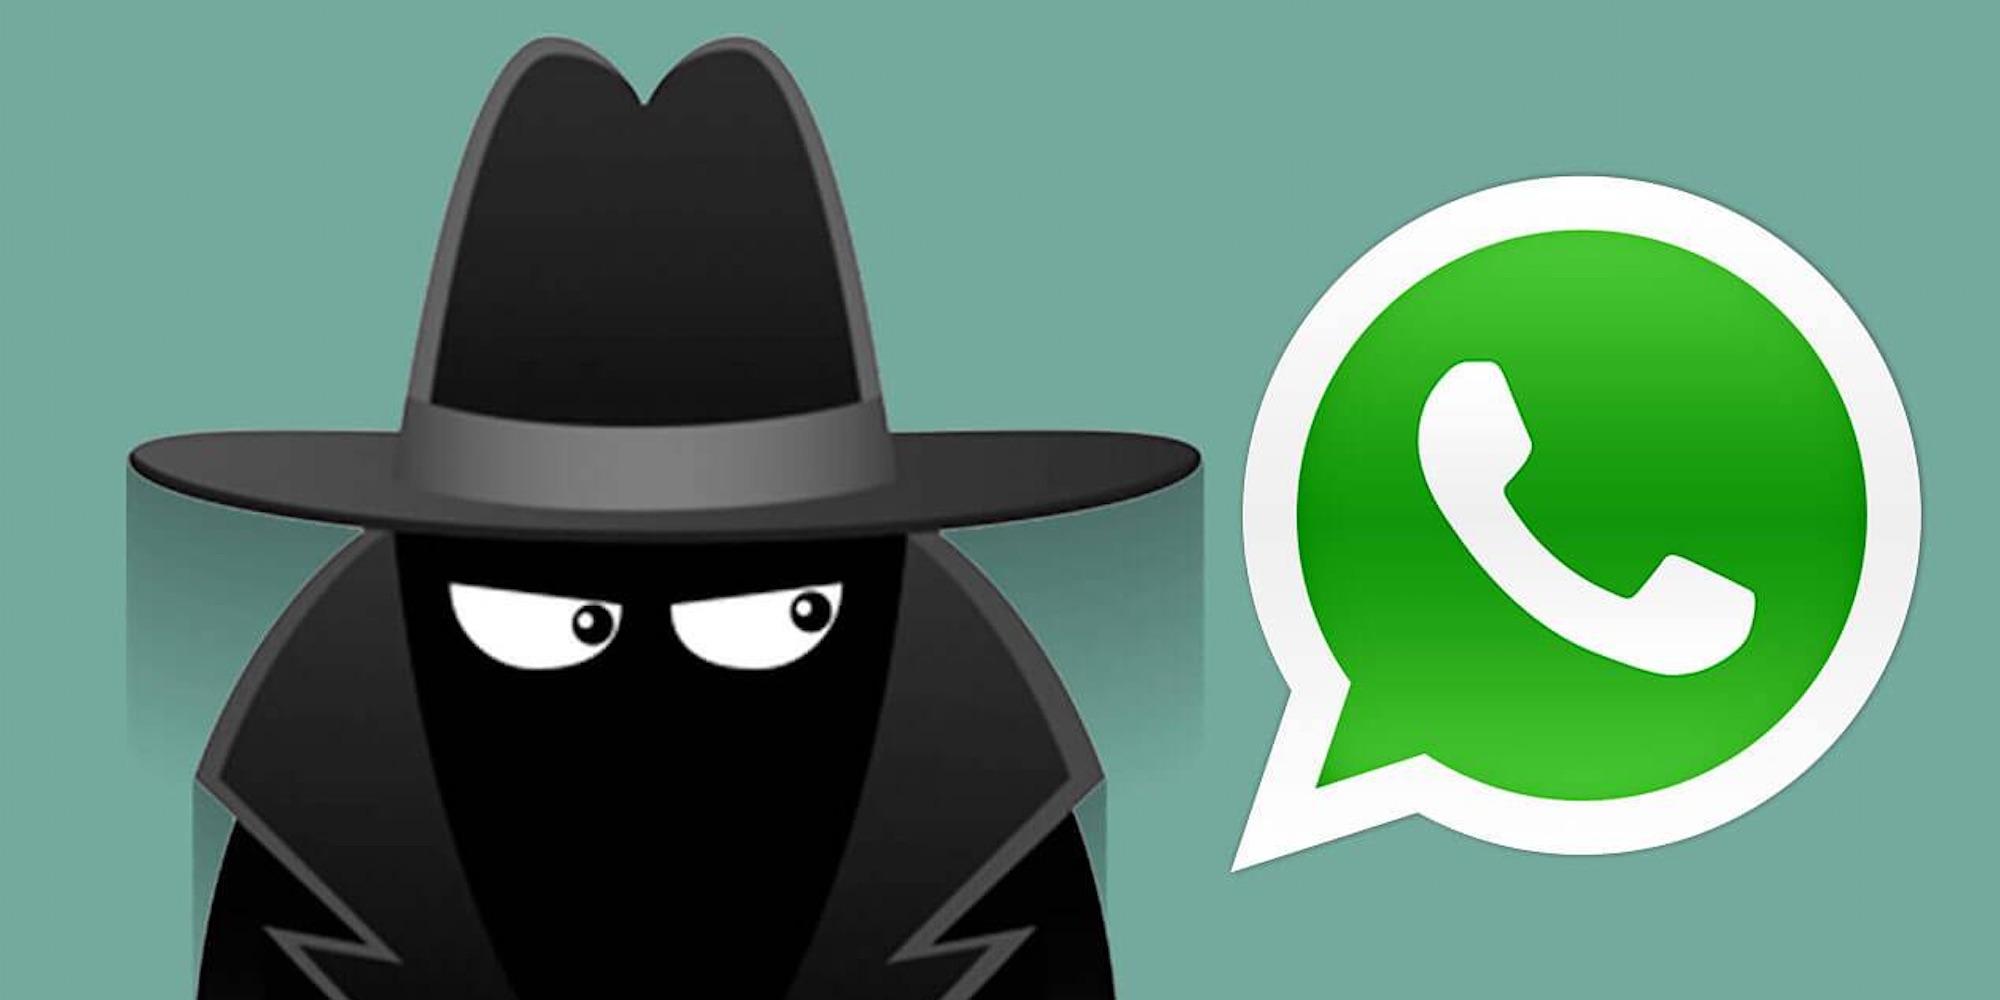 TECNOLOGÍA: ¿Cómo escuchar audios de WhatsApp antes de enviarlos?